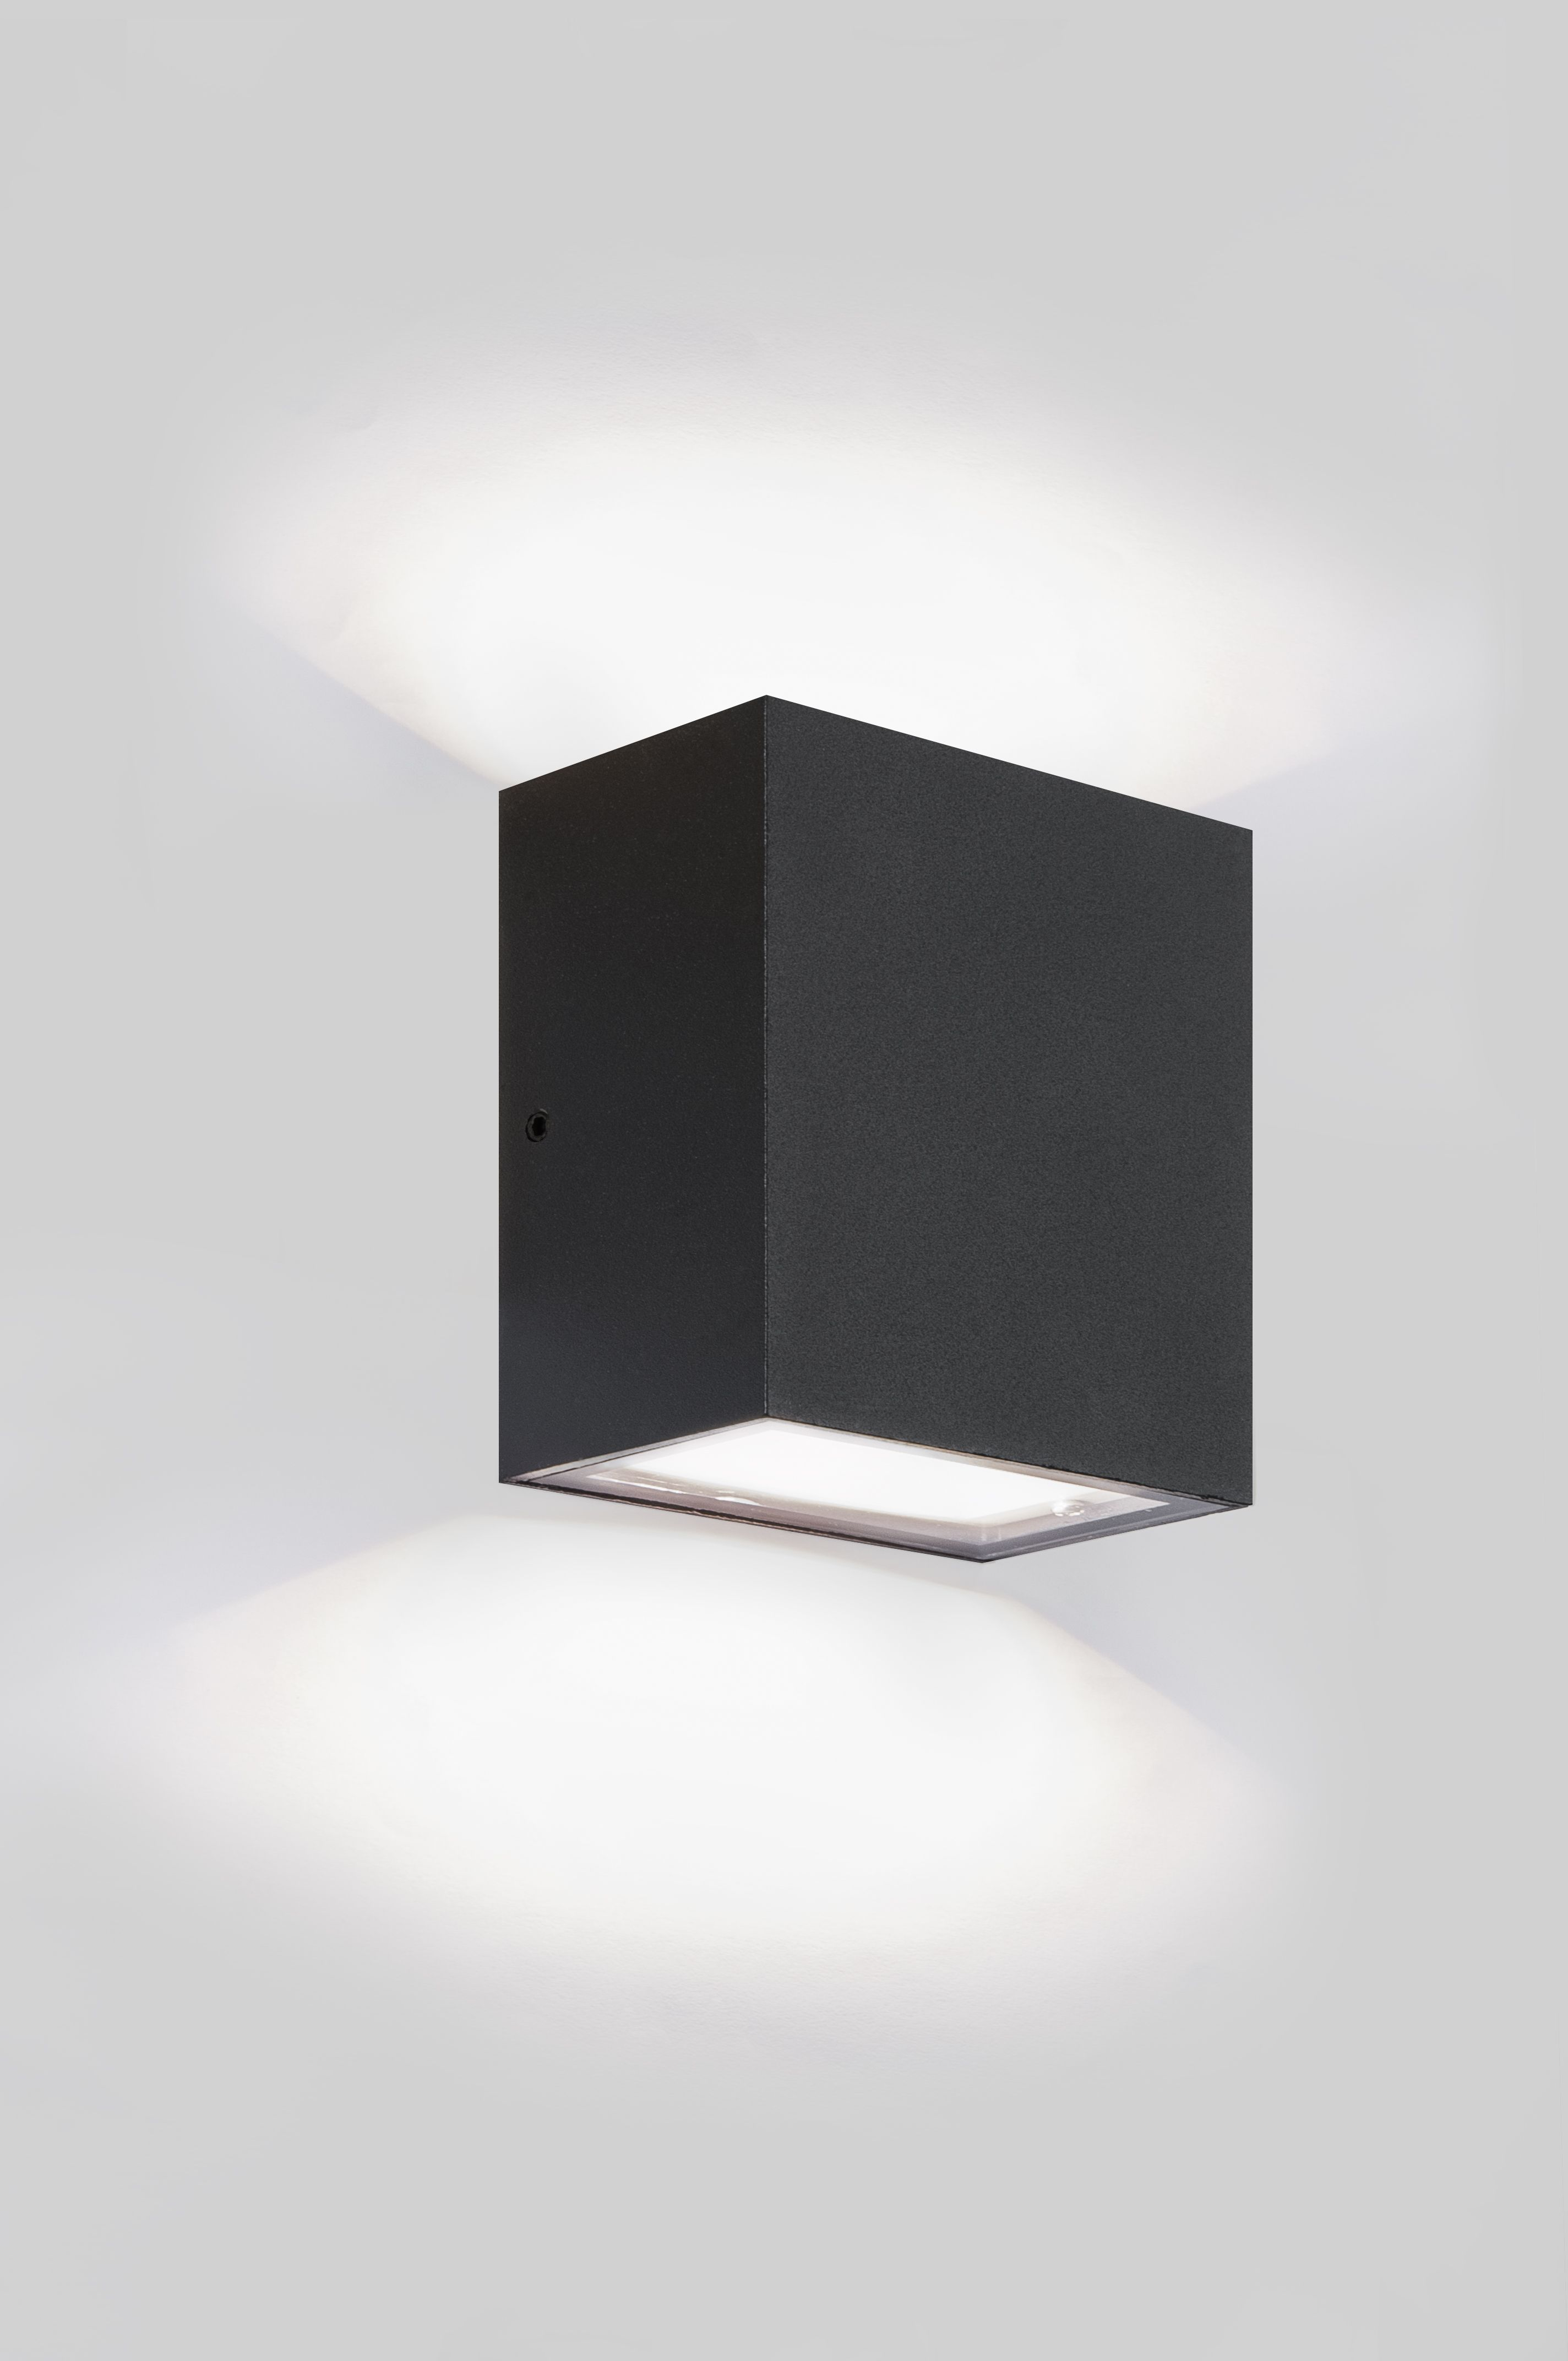 eclipse square wandlamp voor buiten tuinverlichting collectie 2018 werpt prachtige lichtbundels op de gevel